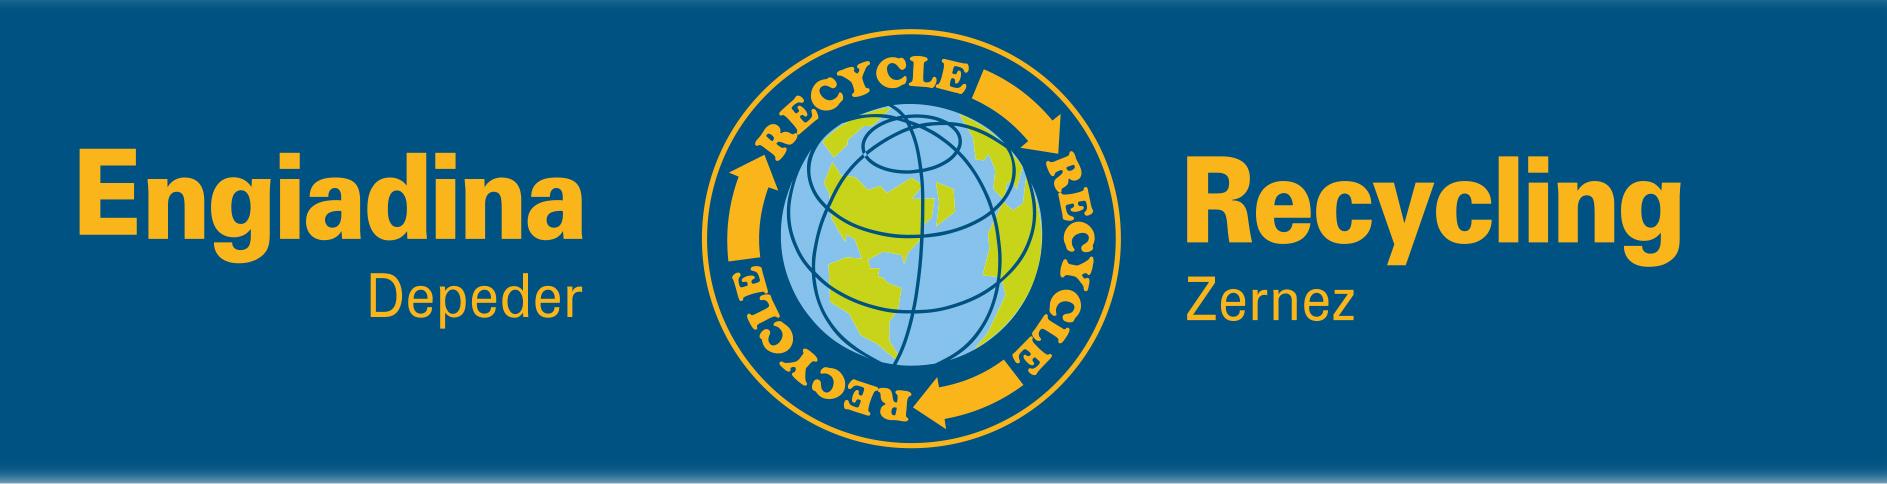 Engiadina recycling Depeder zernez